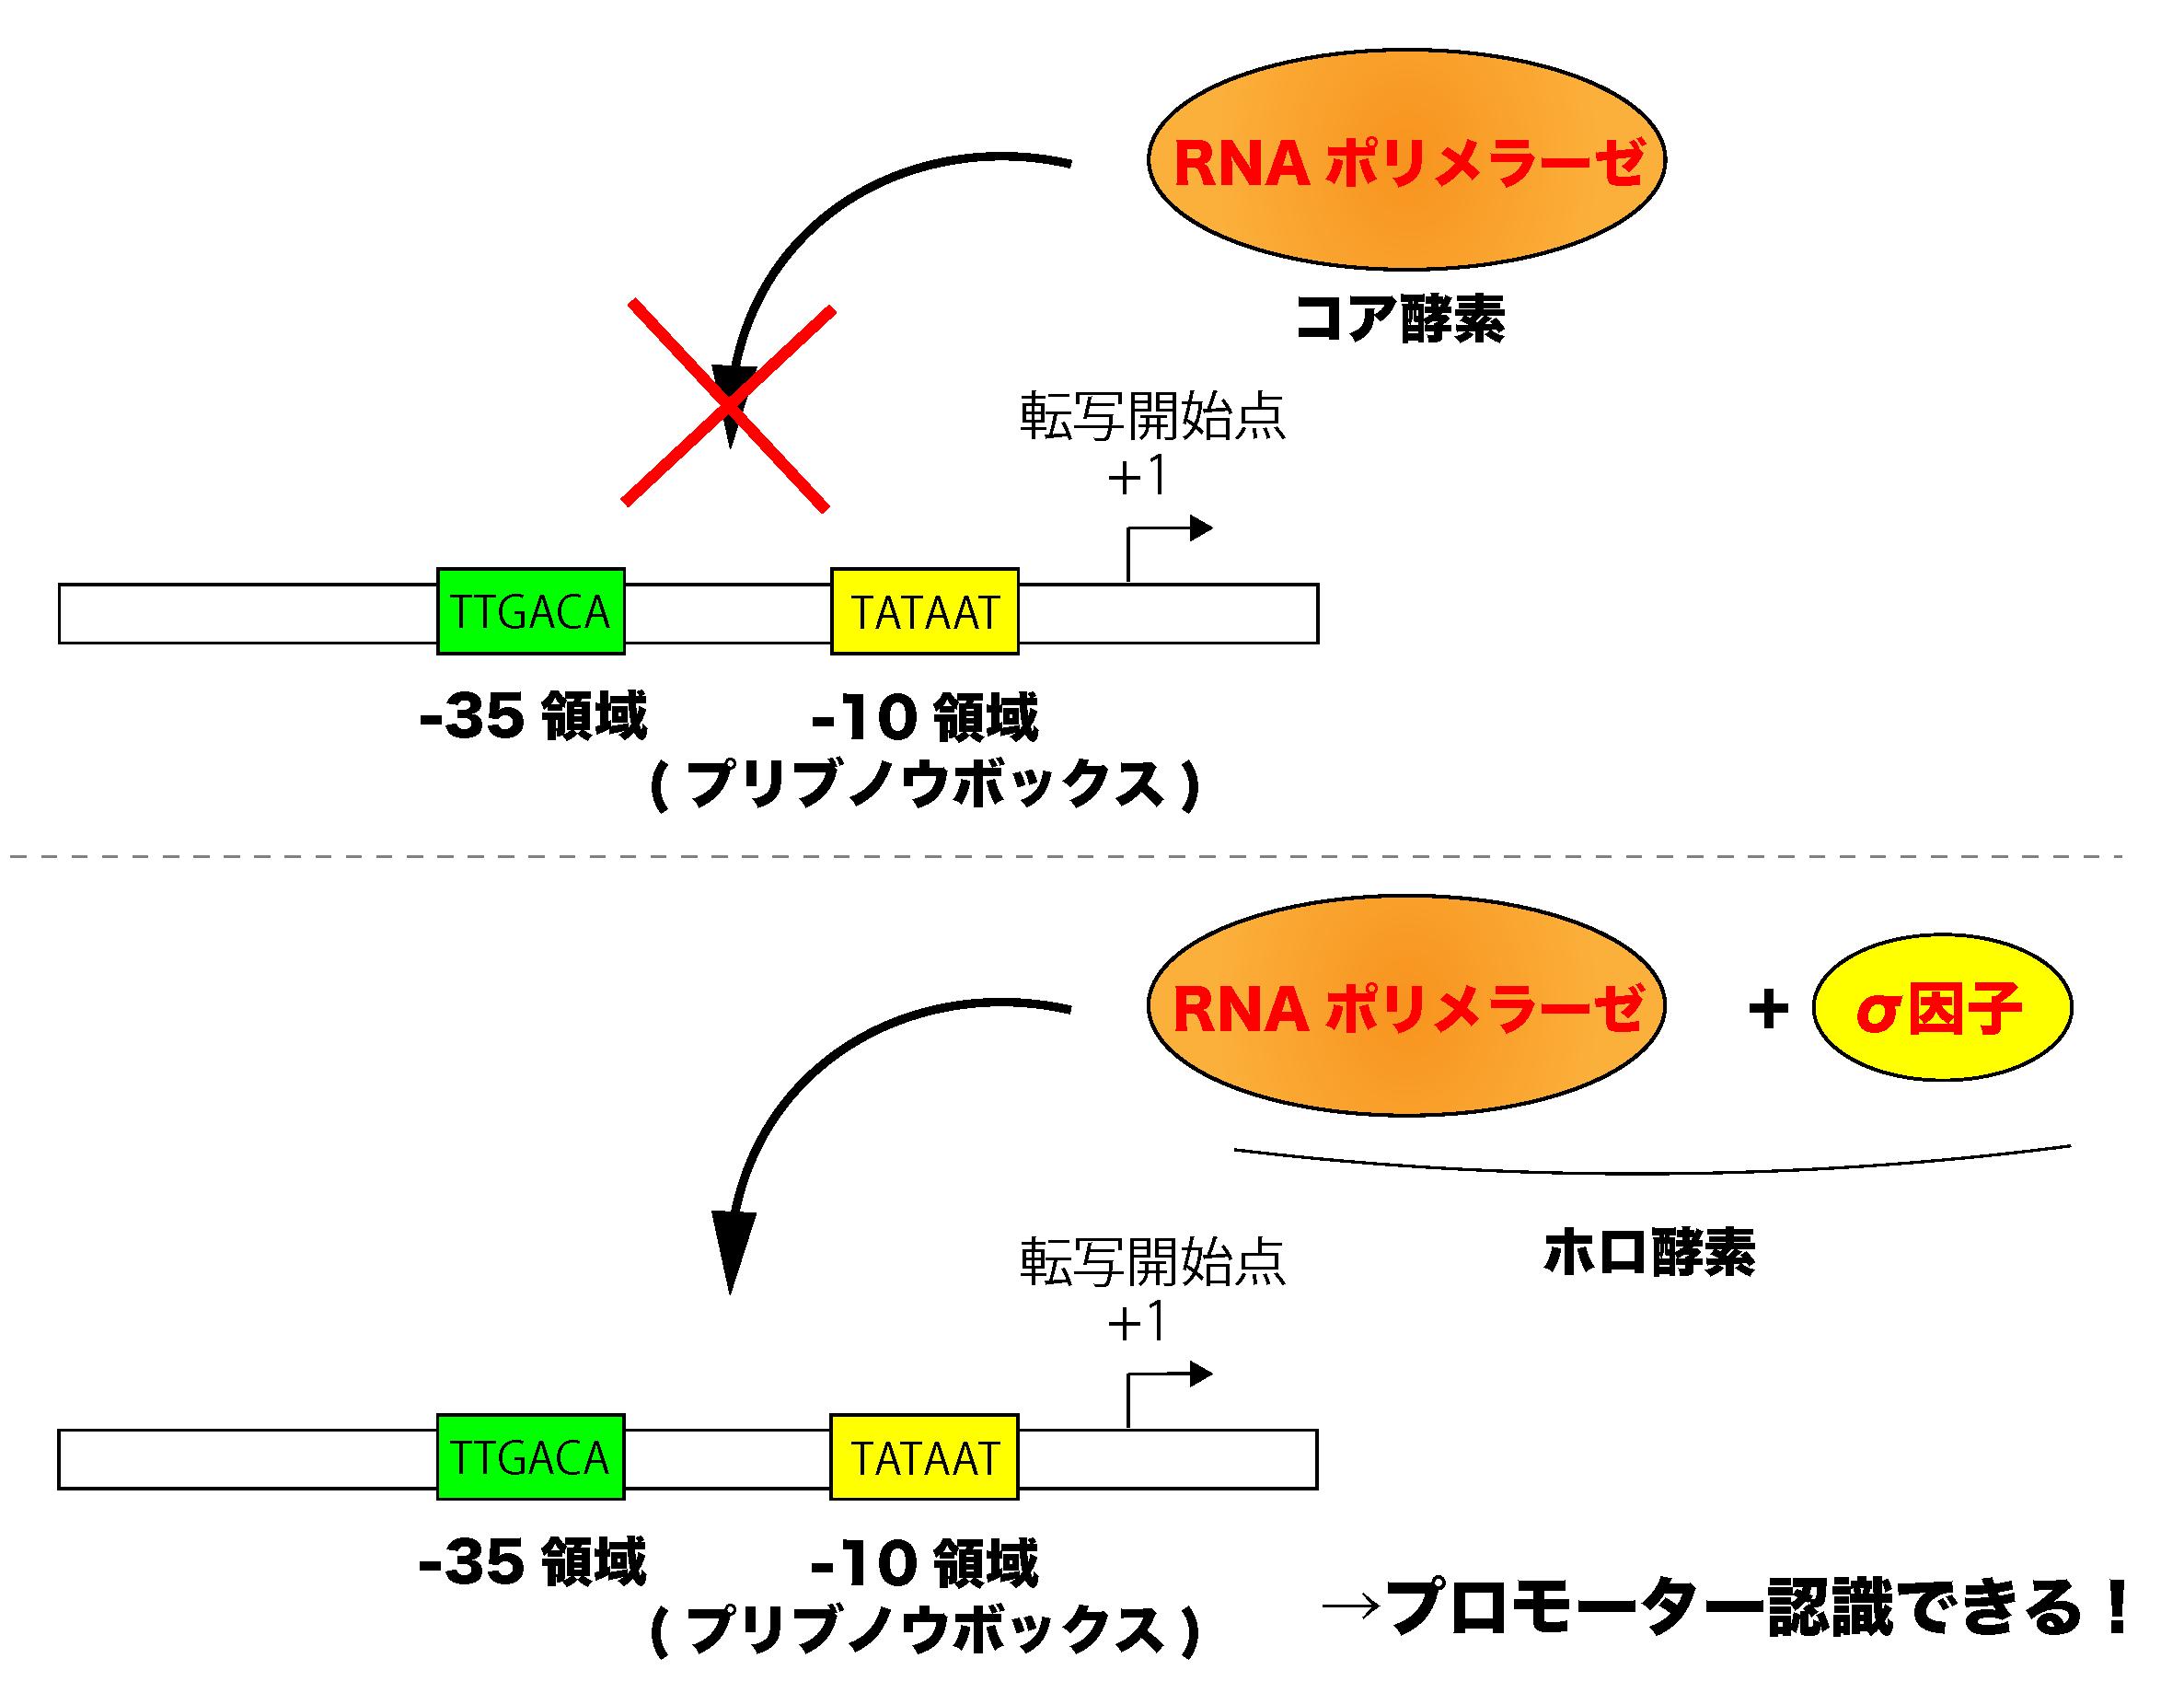 原核生物のRNAポリメラーゼとσ因子